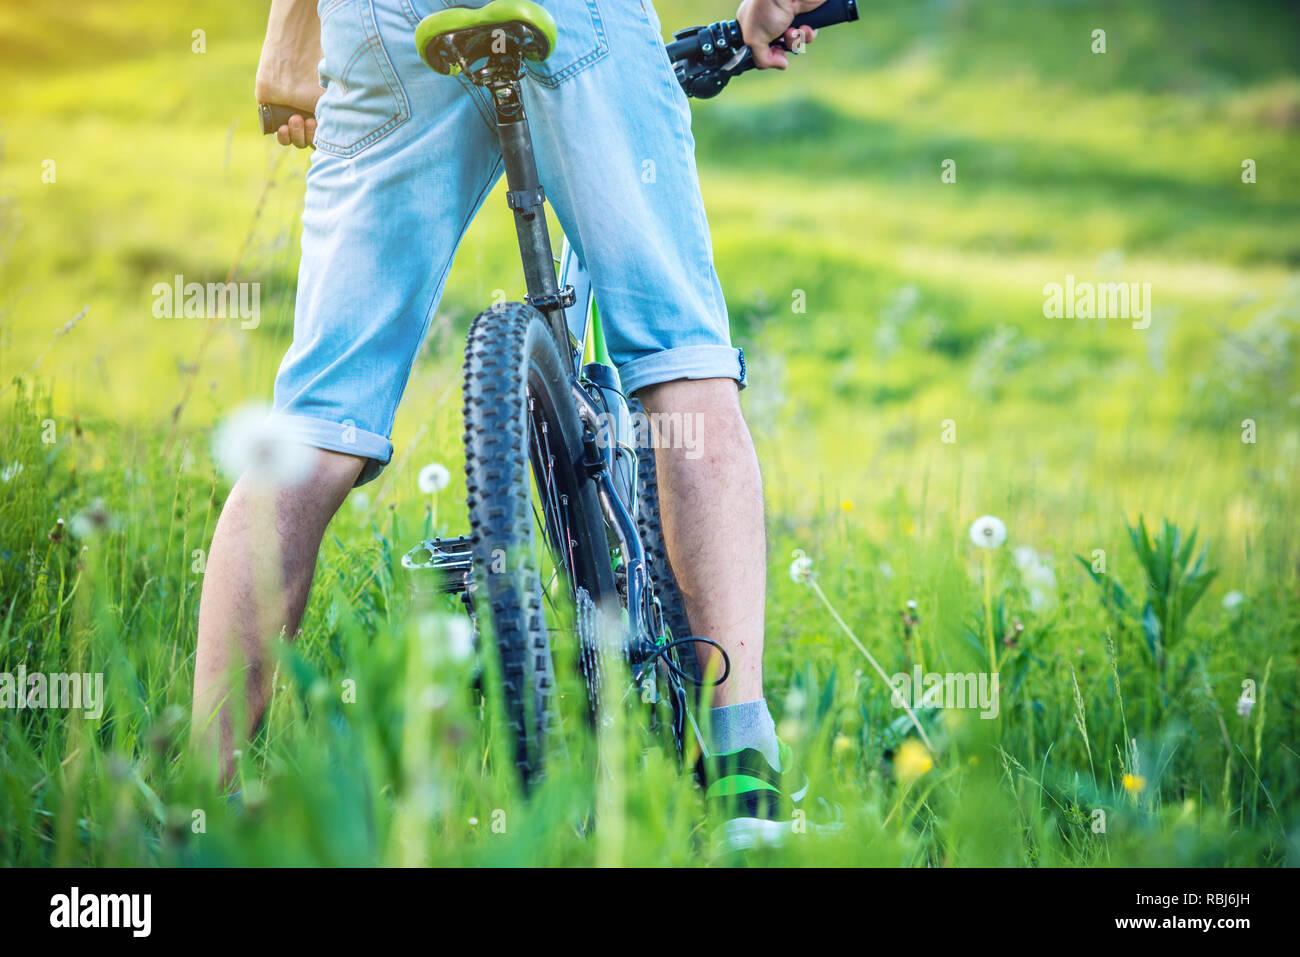 Radfahrer auf einem Green Mountain Bike in den Wald reiten auf dem Gras. Unter- und Rückseite. Das Konzept der aktiven und extremen Lebensstil Stockfoto